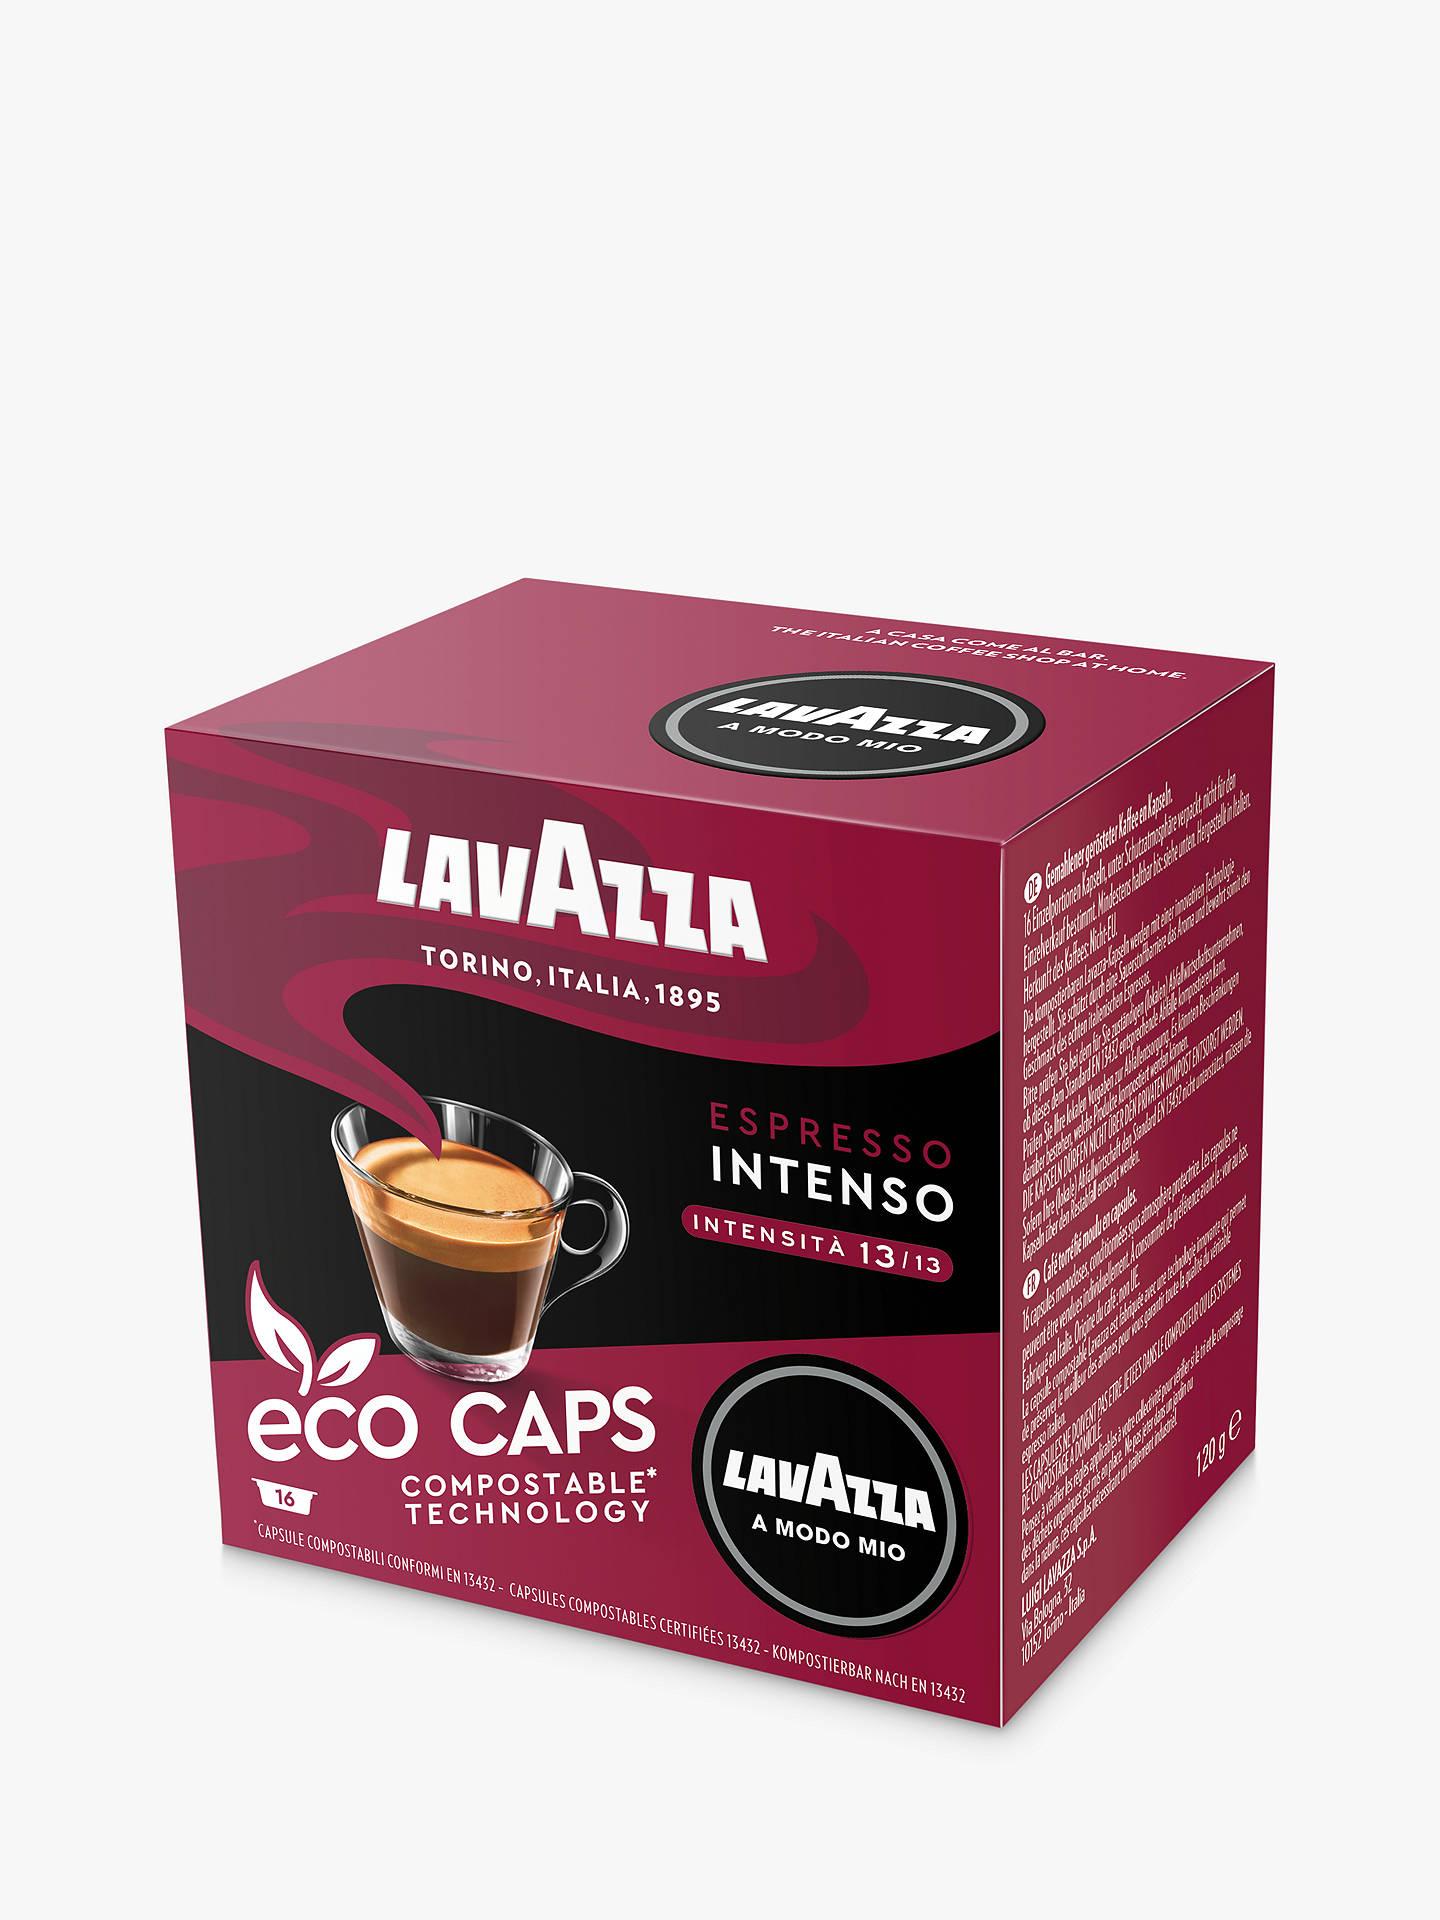 Lavazza Intenso A Modo Mio Espresso Eco Capsules Pack Of 16